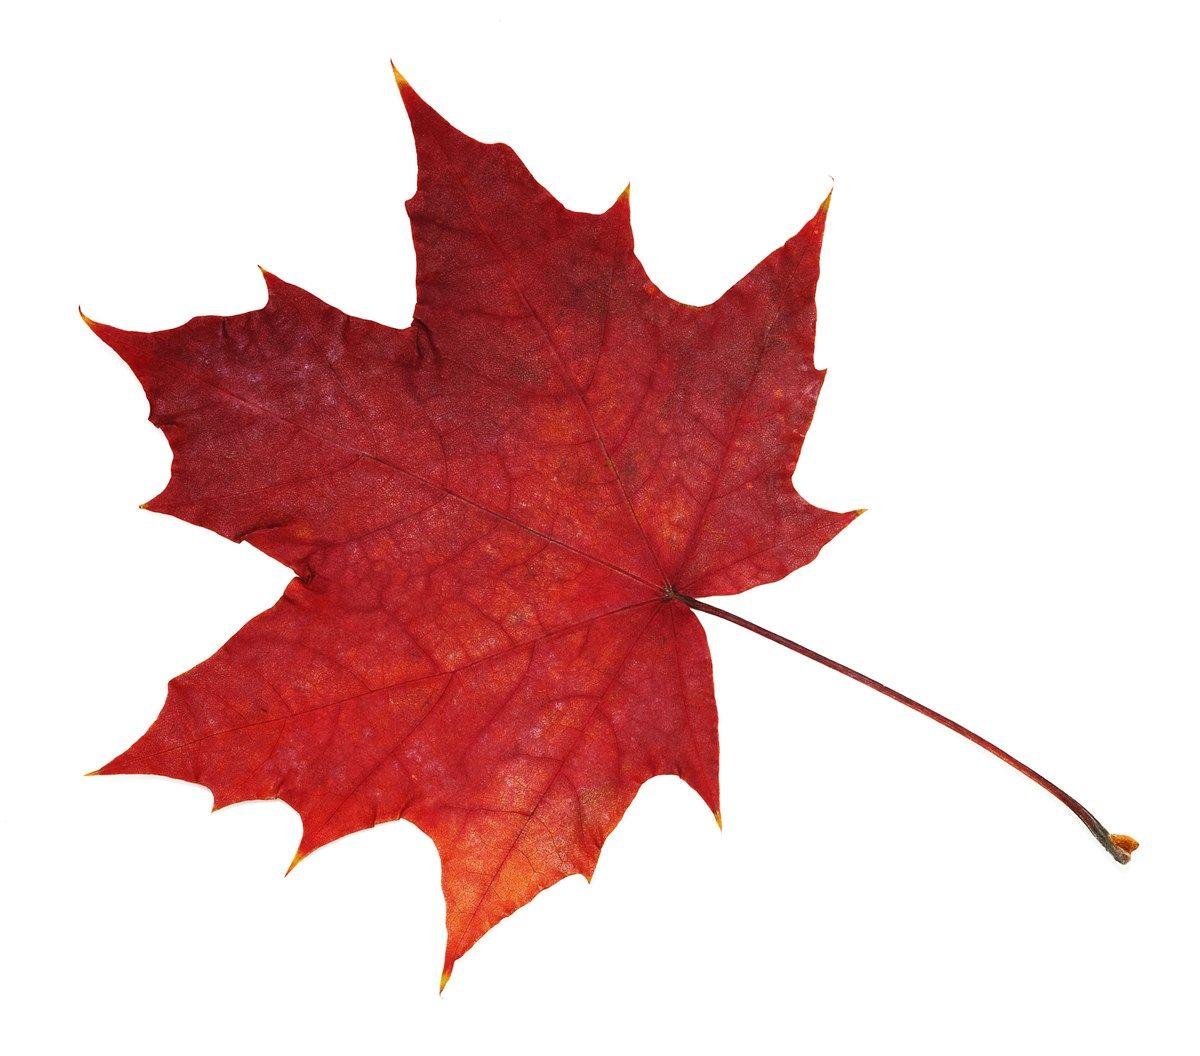 acero rosso: le radici